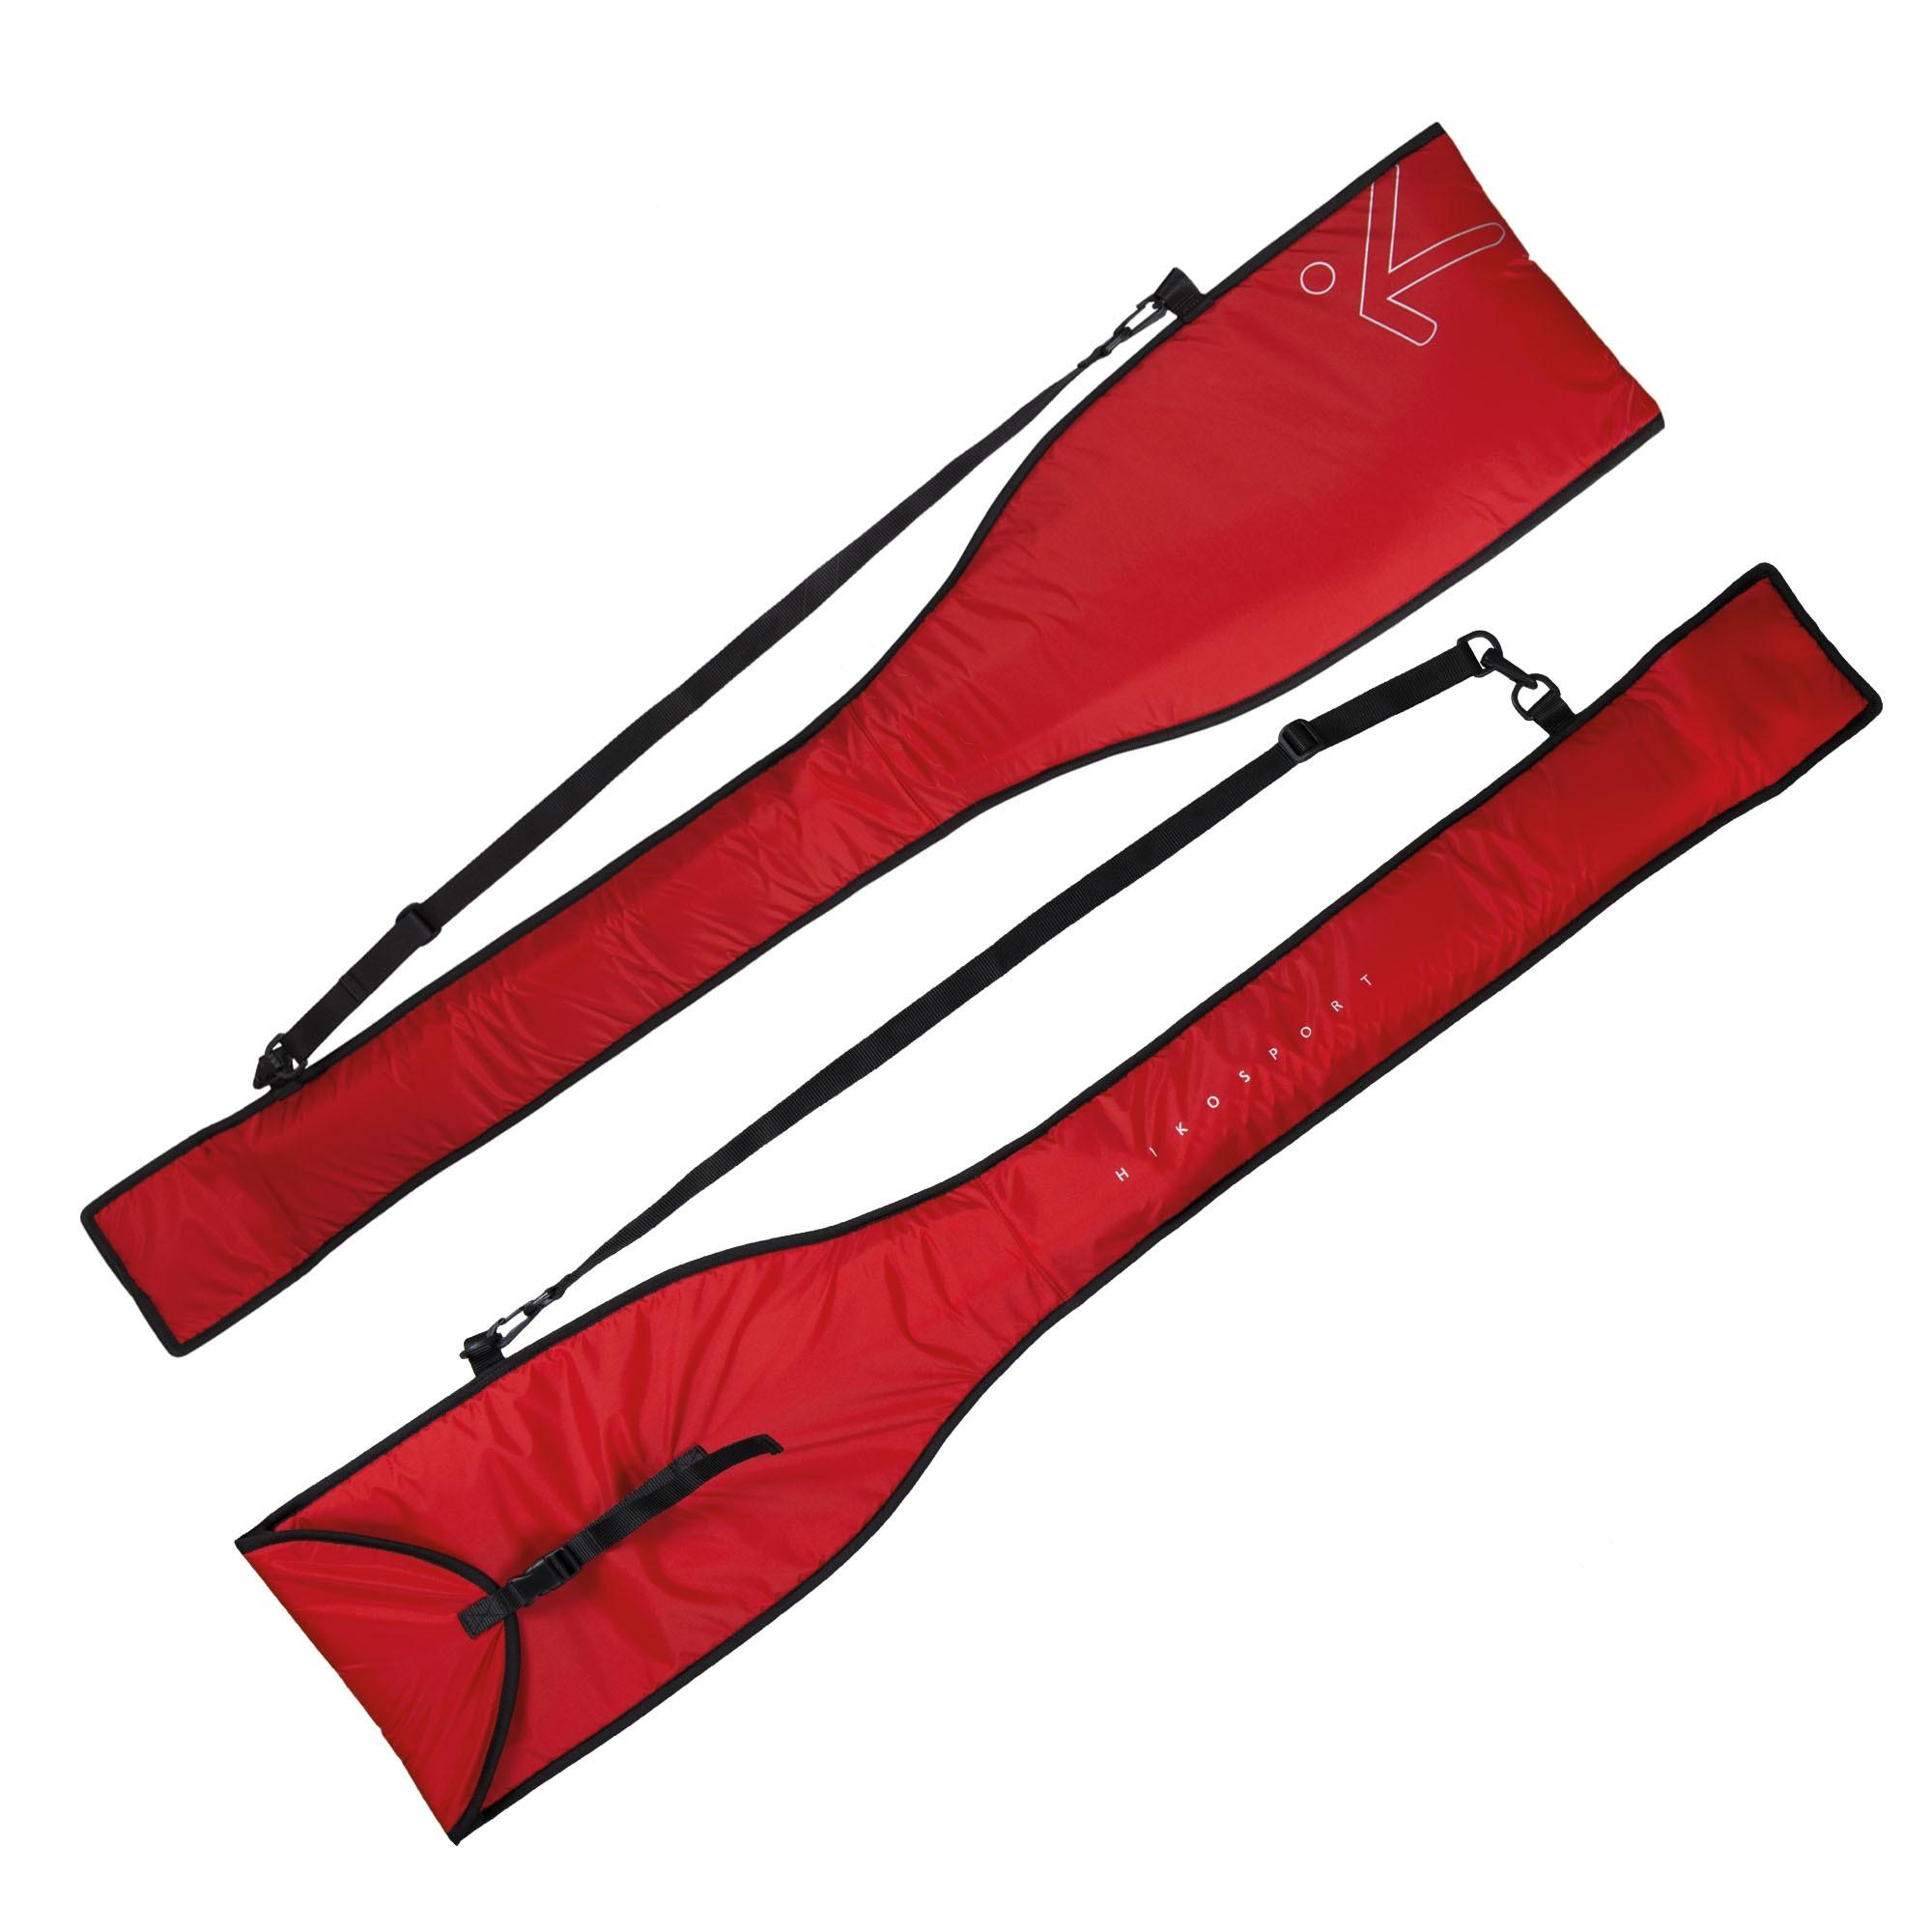 Hiko k-cover-split red.jpg